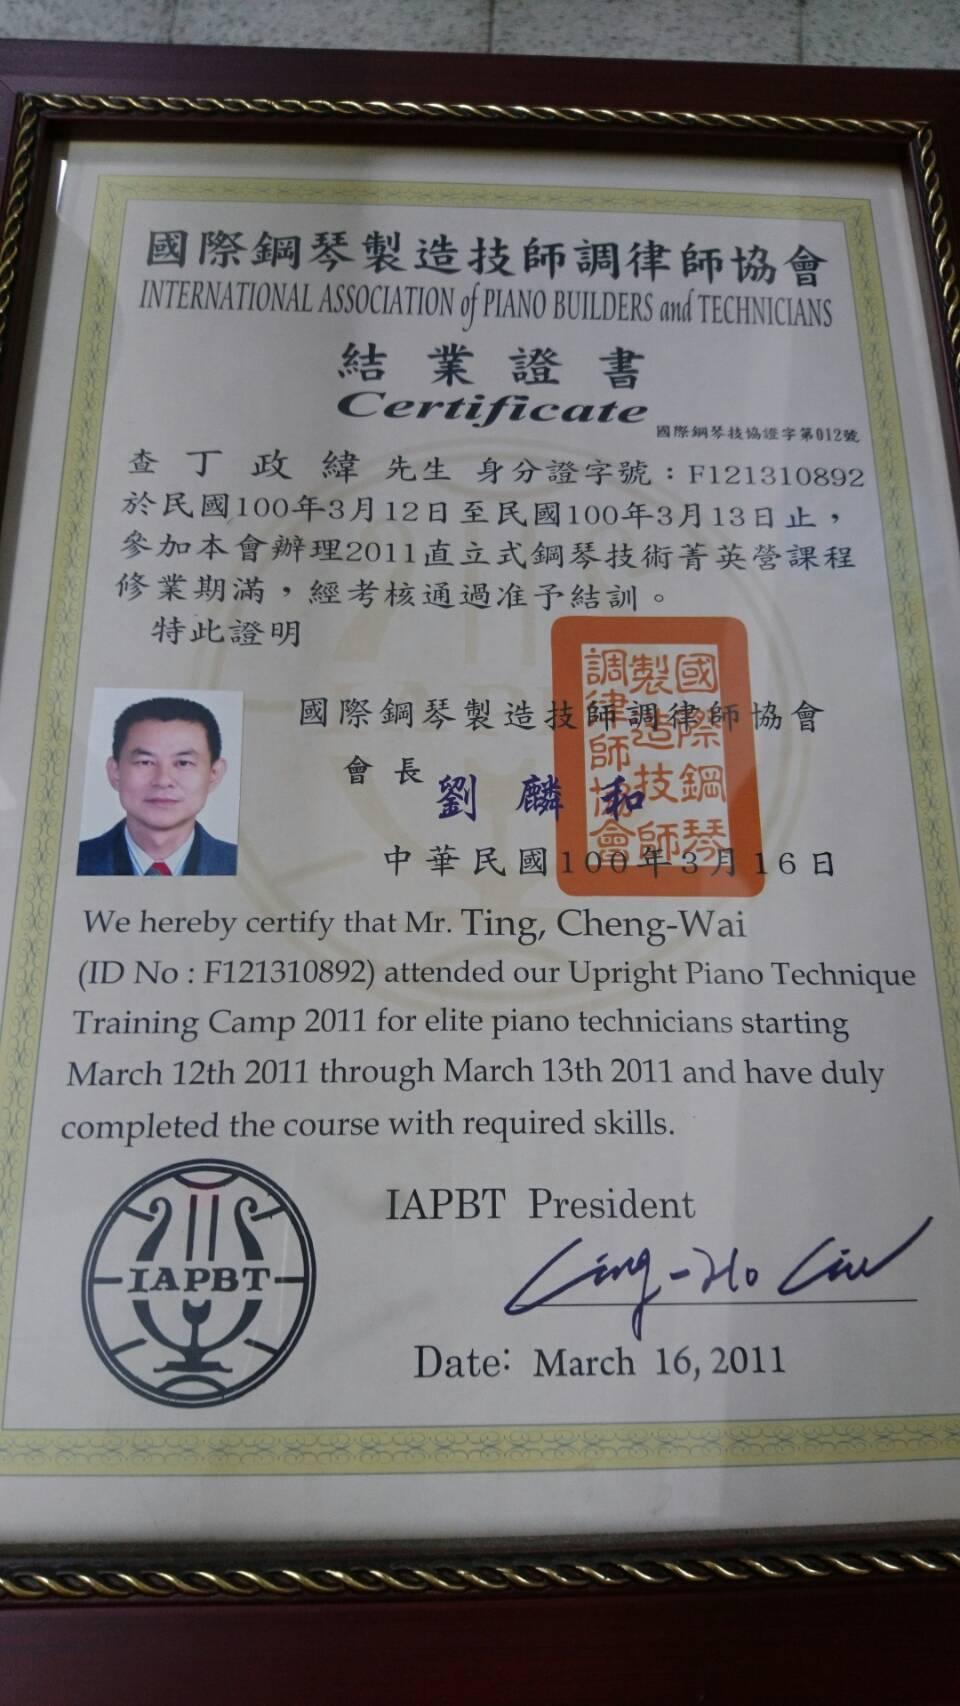 國際鋼琴製造技師調律師協會* 直立鋼琴調音技術 *  結業證書